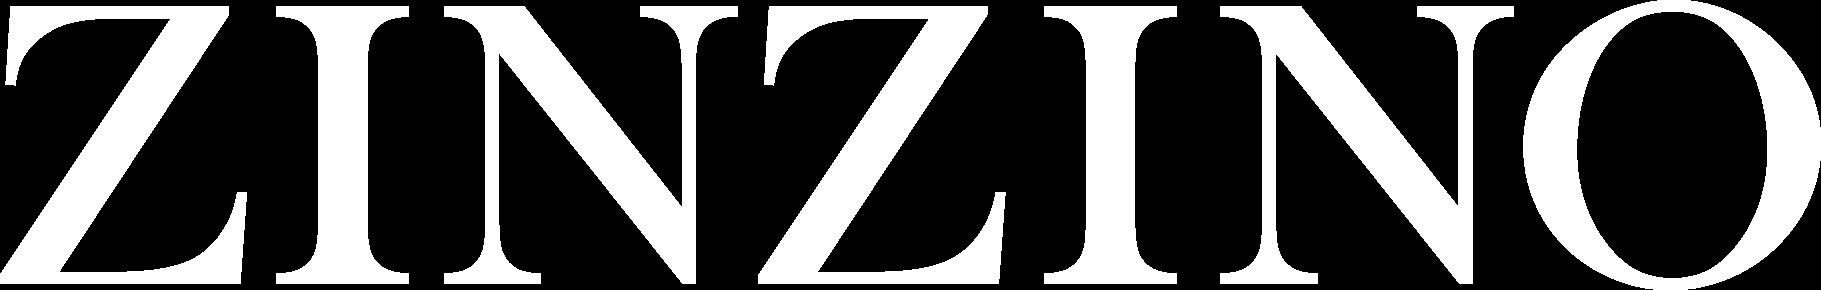 Zinzino Logo